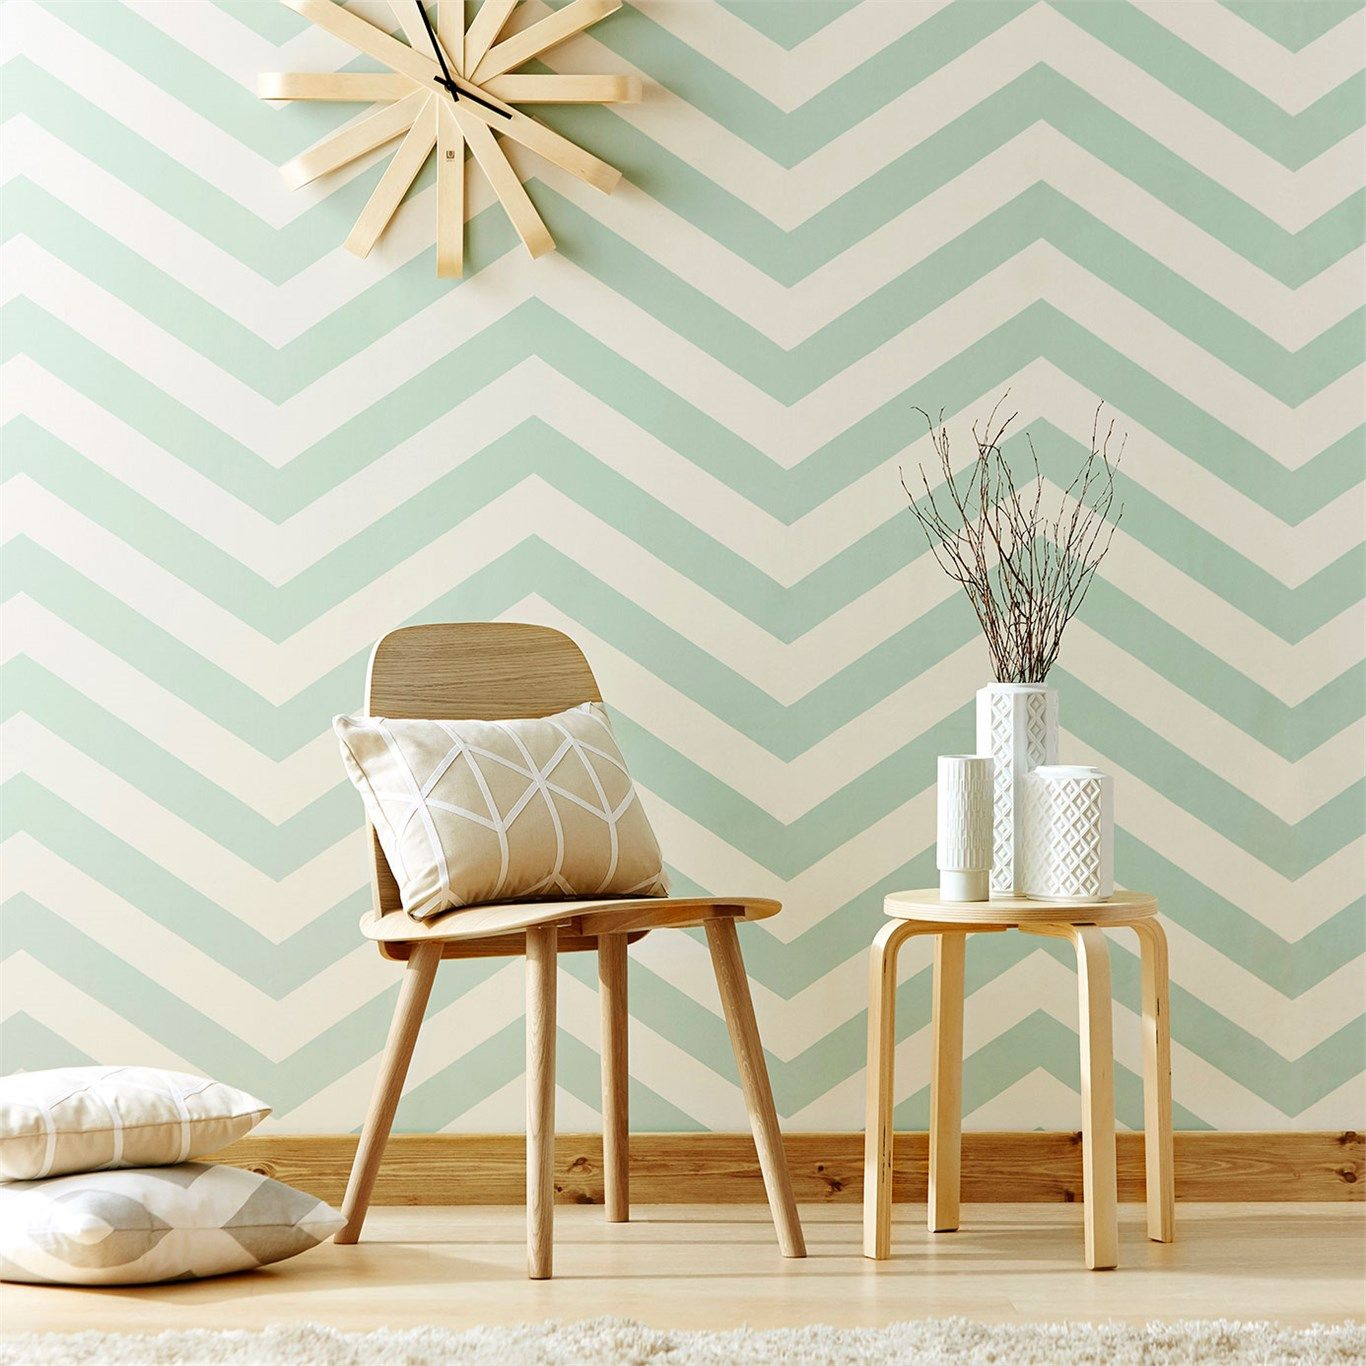 Image Result For Striped Wallpaper Subtle Room Wallpaper Wallpaper Living Room Kitchen Wallpaper